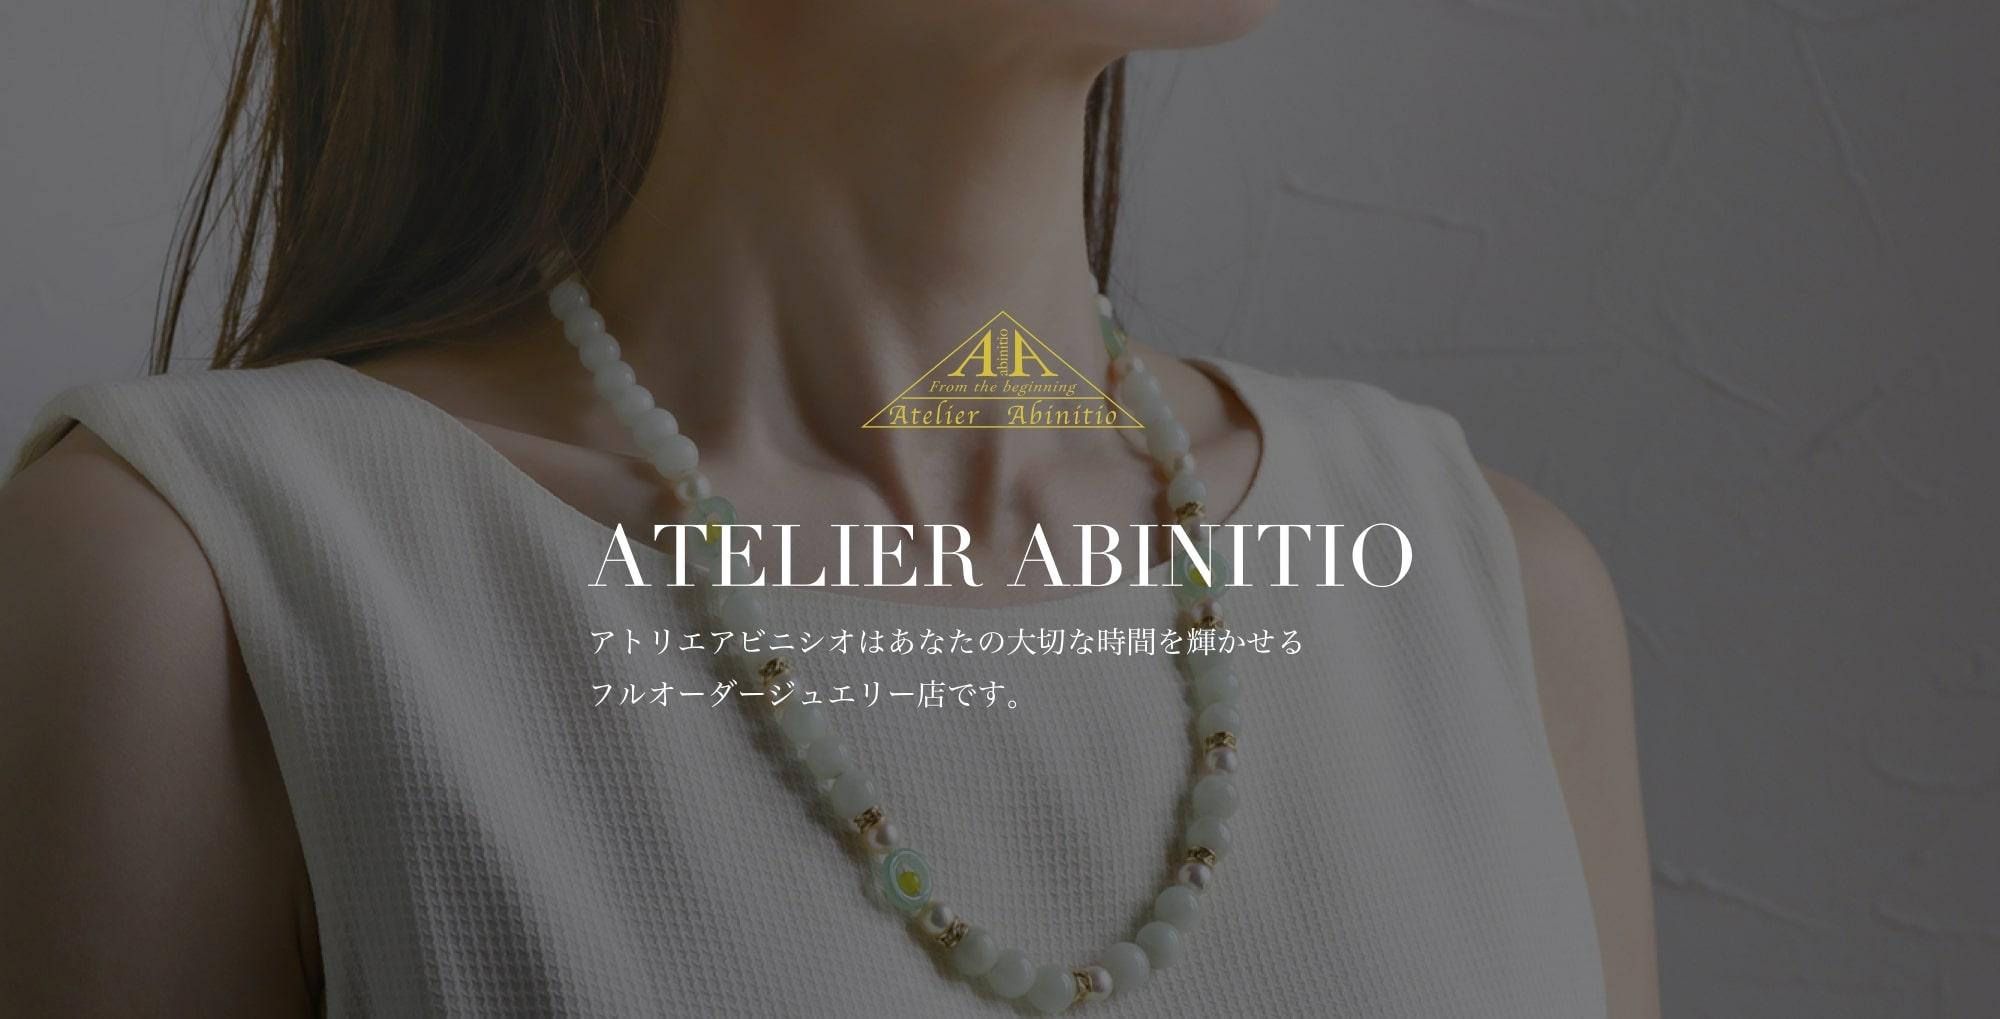 アトリエアビニシオはあなたの大切な時間を輝かせるフルオーダージュエリーのお店